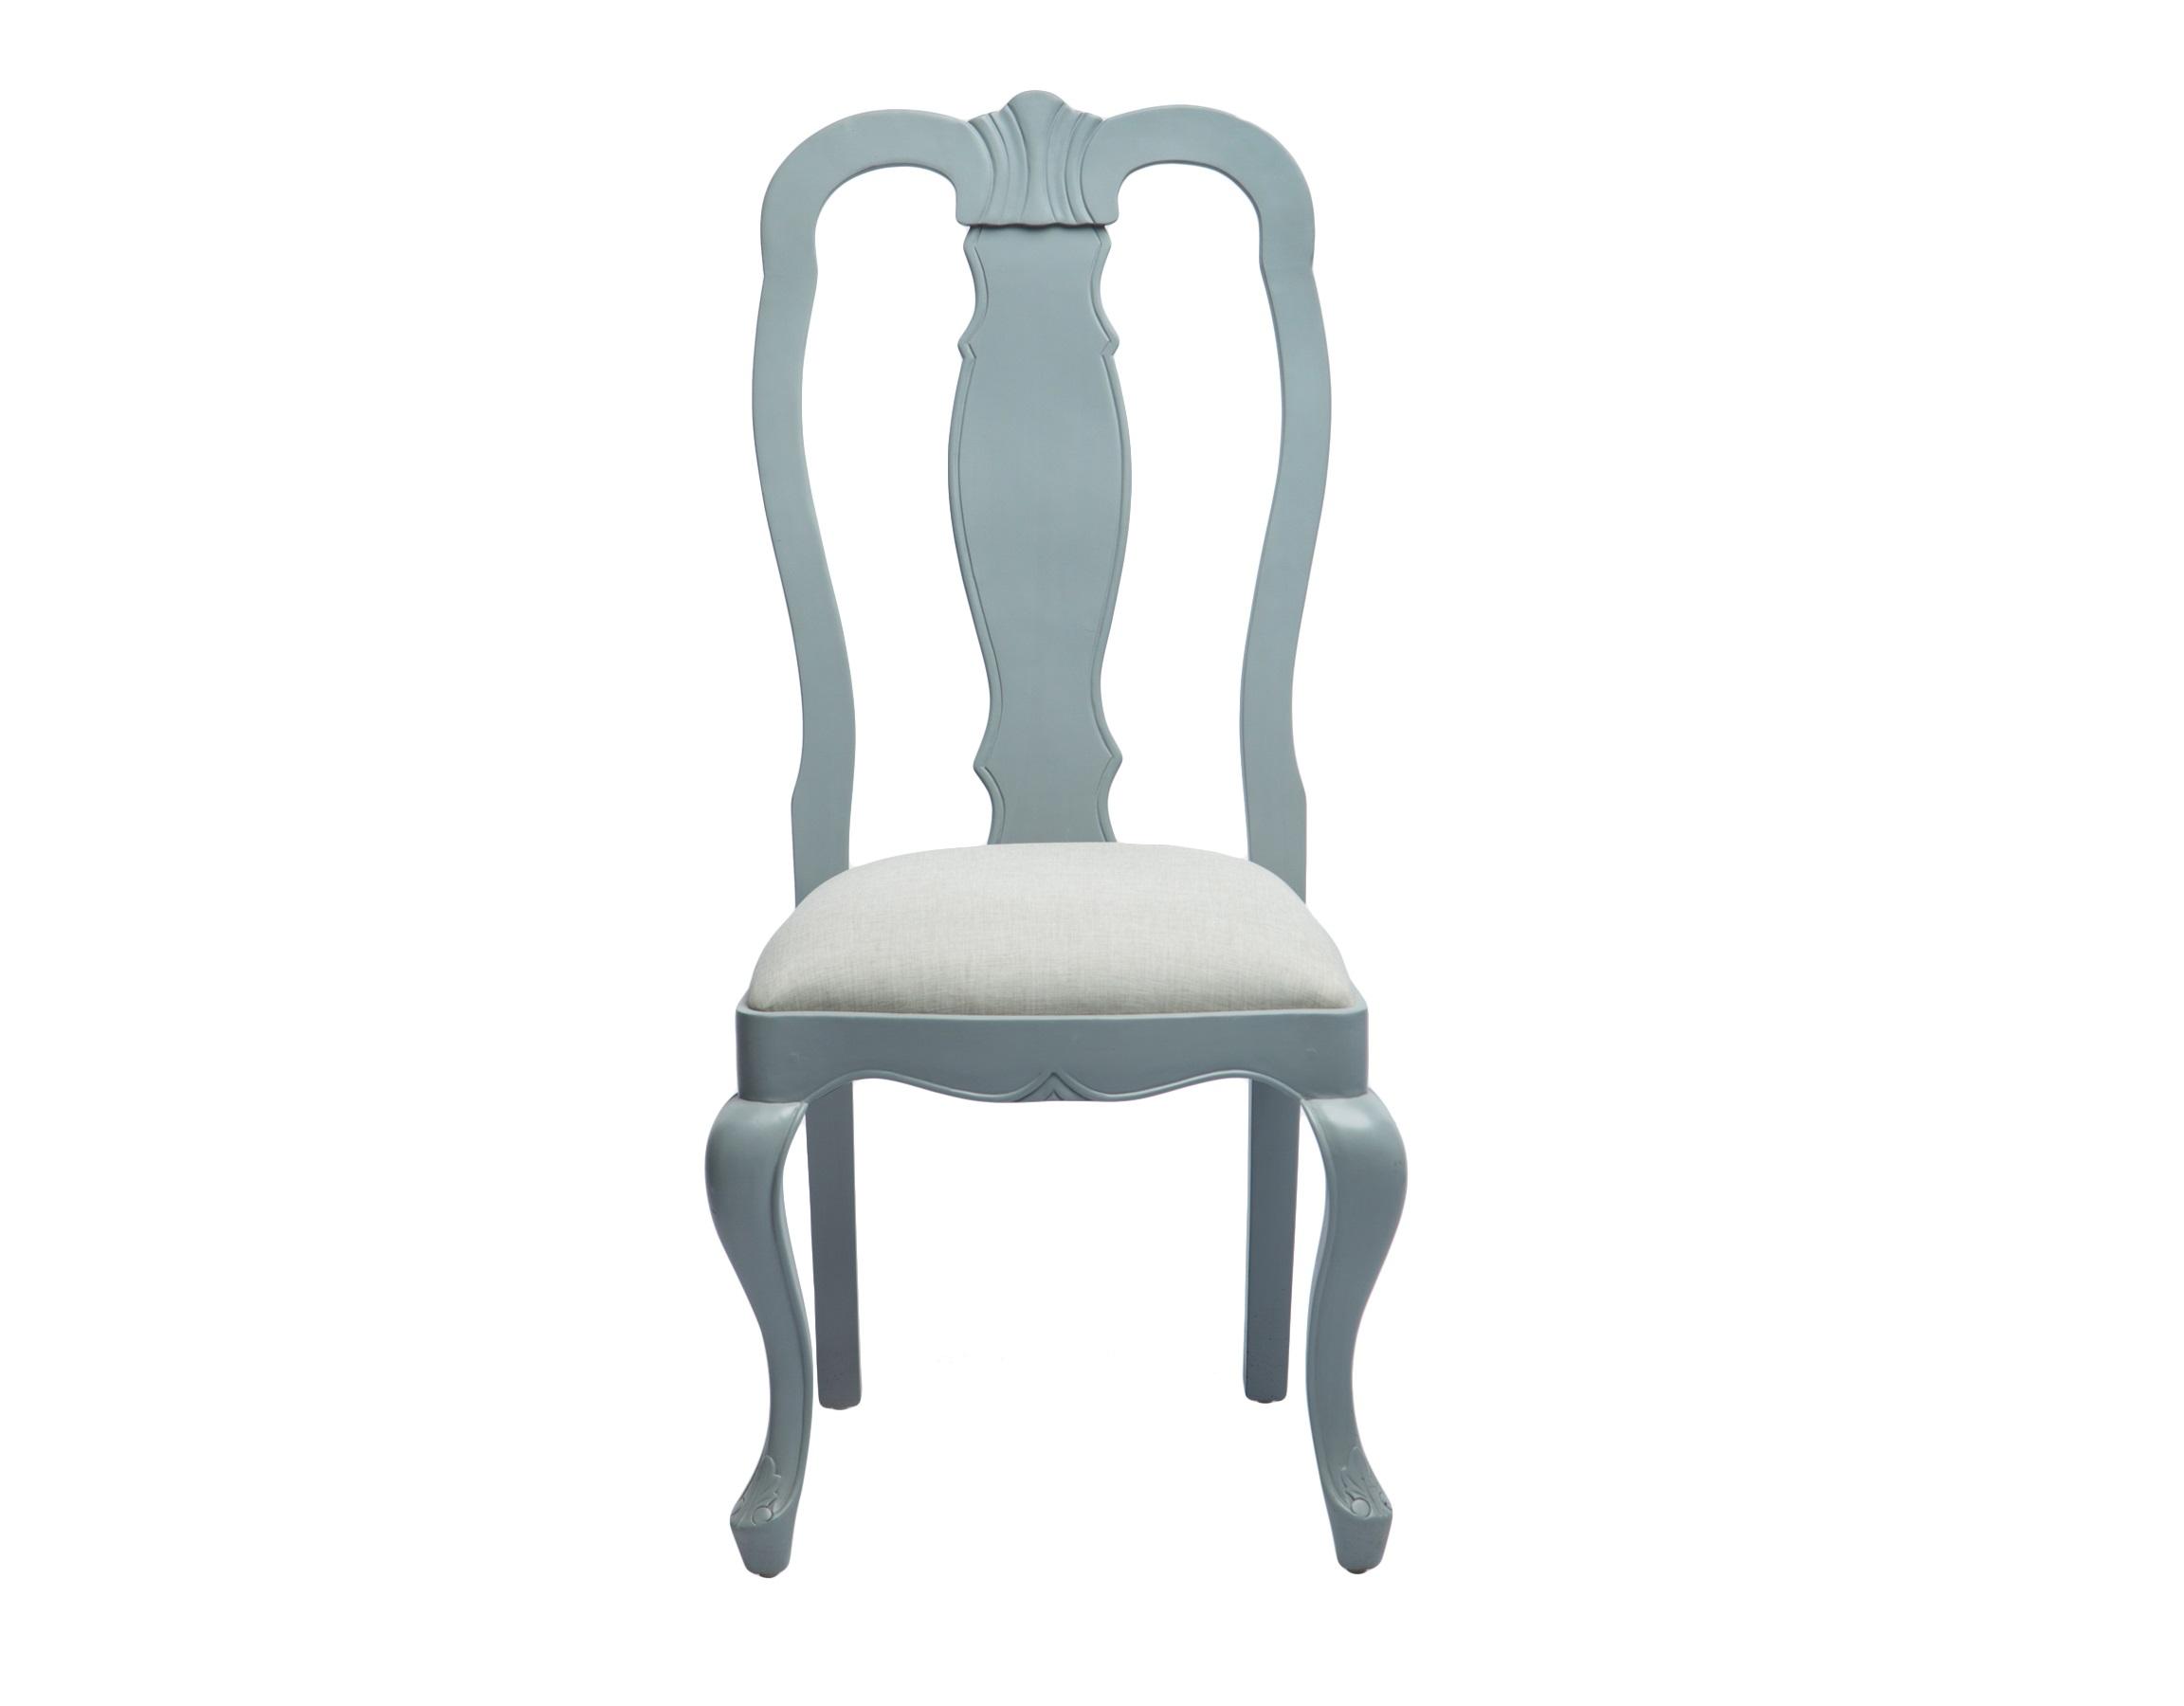 Стул ЛордОбеденные стулья<br>Стул из дерева махагони с высокой резной спинкой.<br><br>Material: Красное дерево<br>Width см: 52<br>Depth см: 56<br>Height см: 107